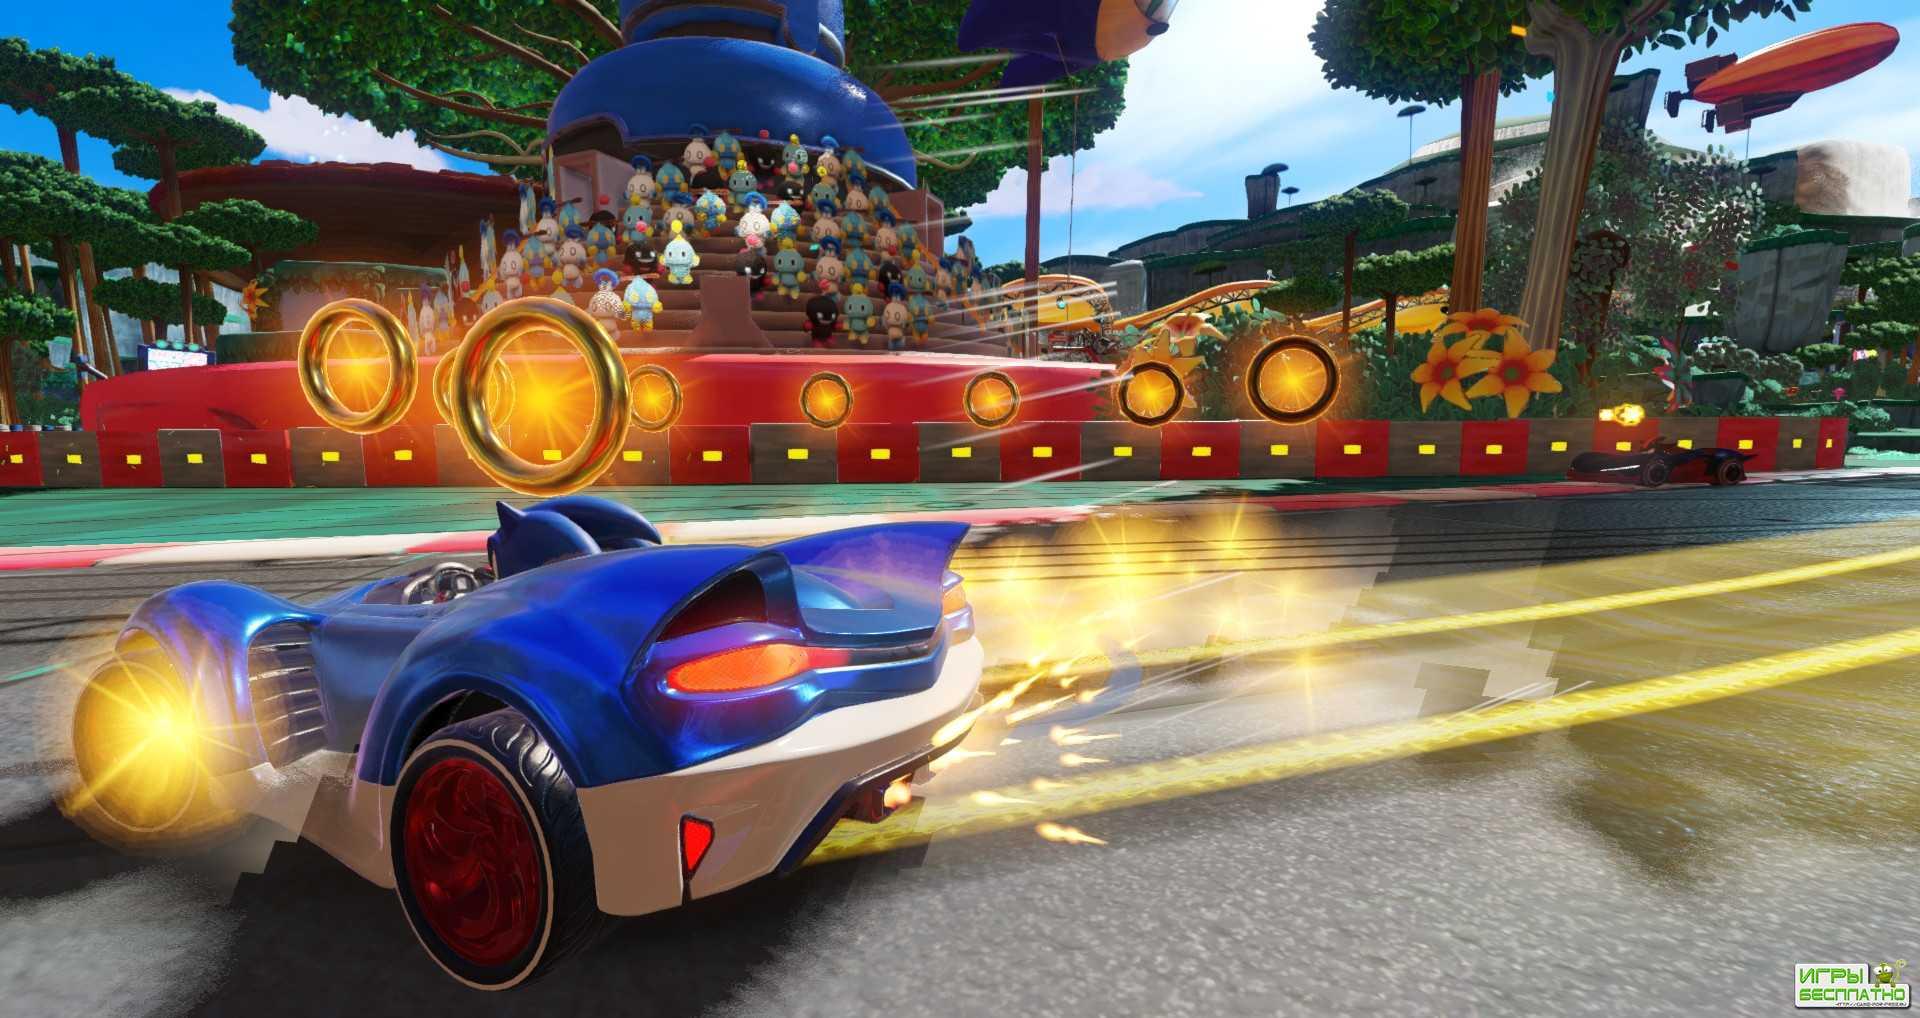 8 минут геймплея аркадной гонки Team Sonic Racing